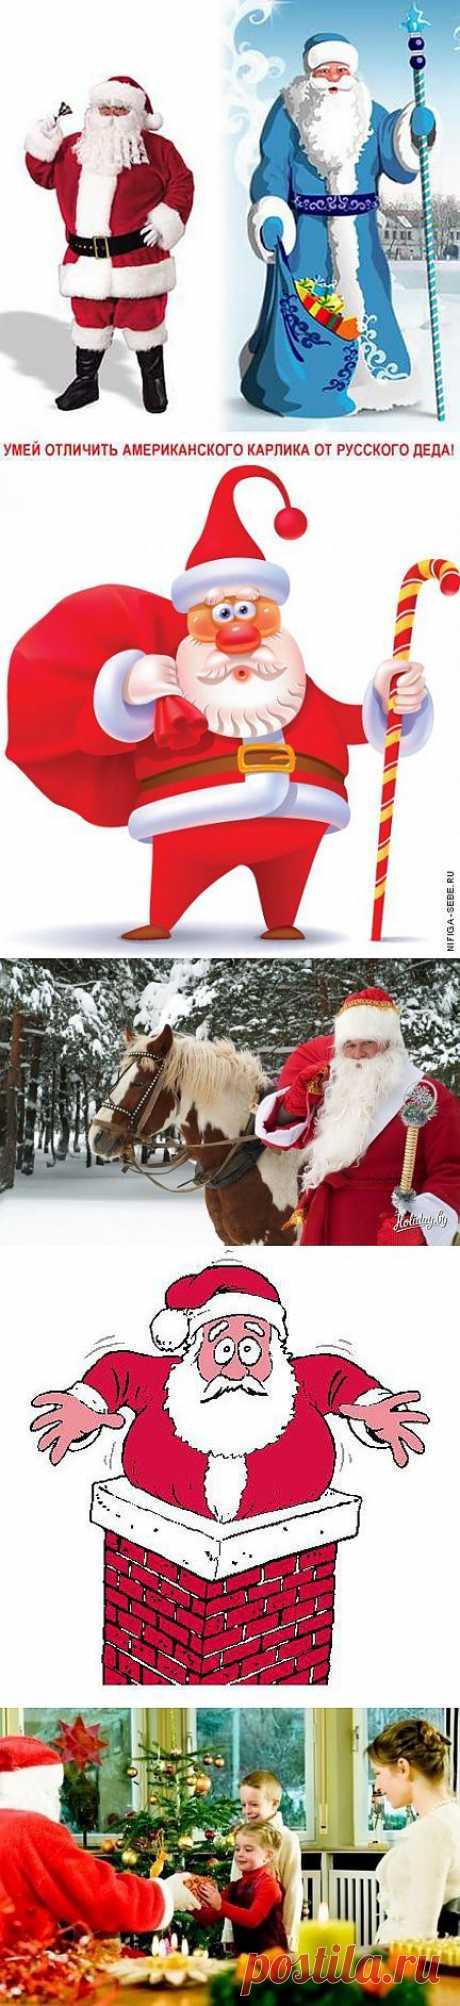 Чем отличается Дед Мороз от Санта-Клауса / Домоседы